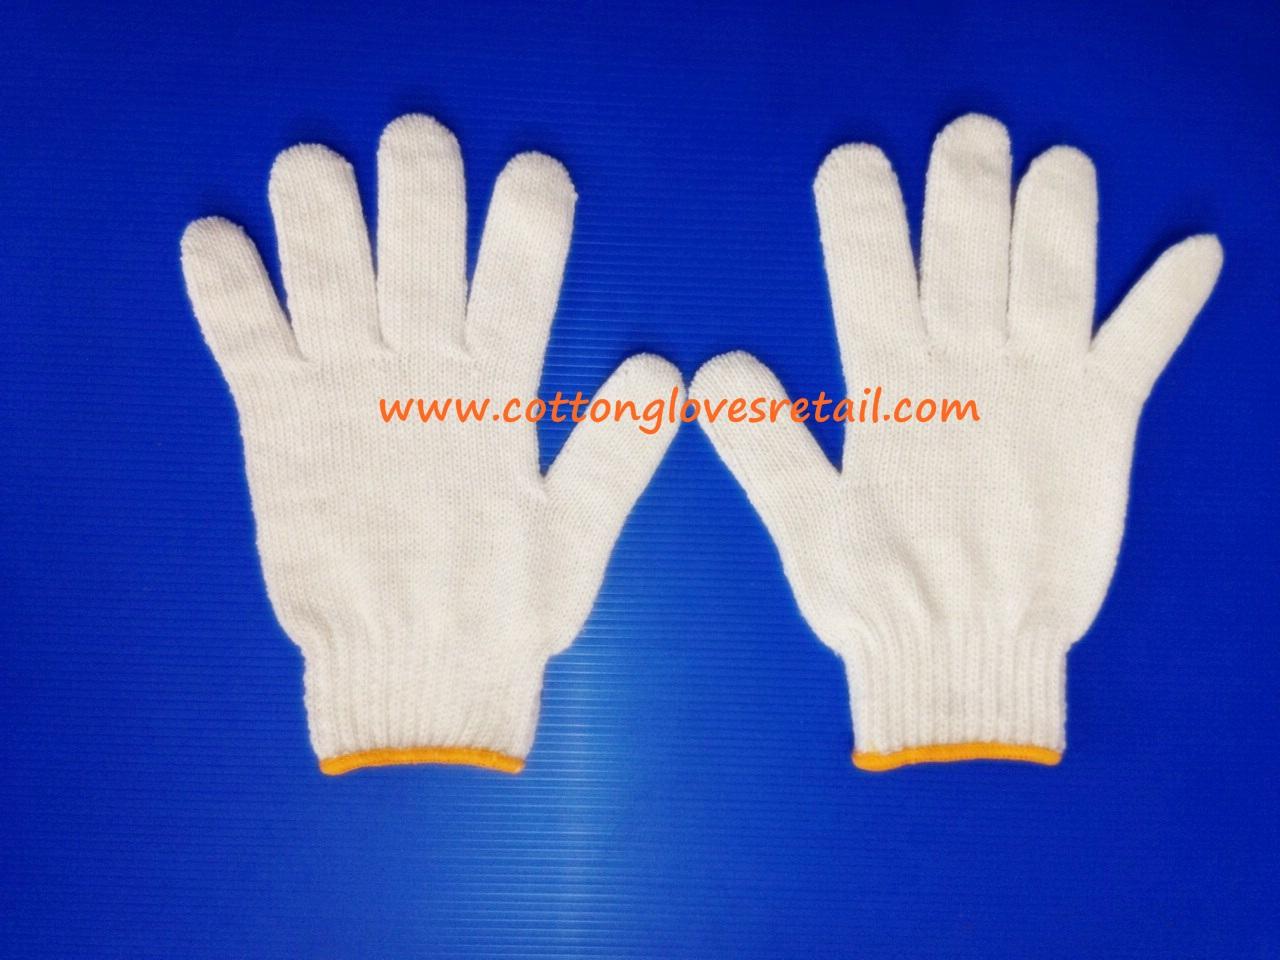 ถุงมือผ้าฝ้ายขนาด 700 กรัม จำนวน 20 โหล